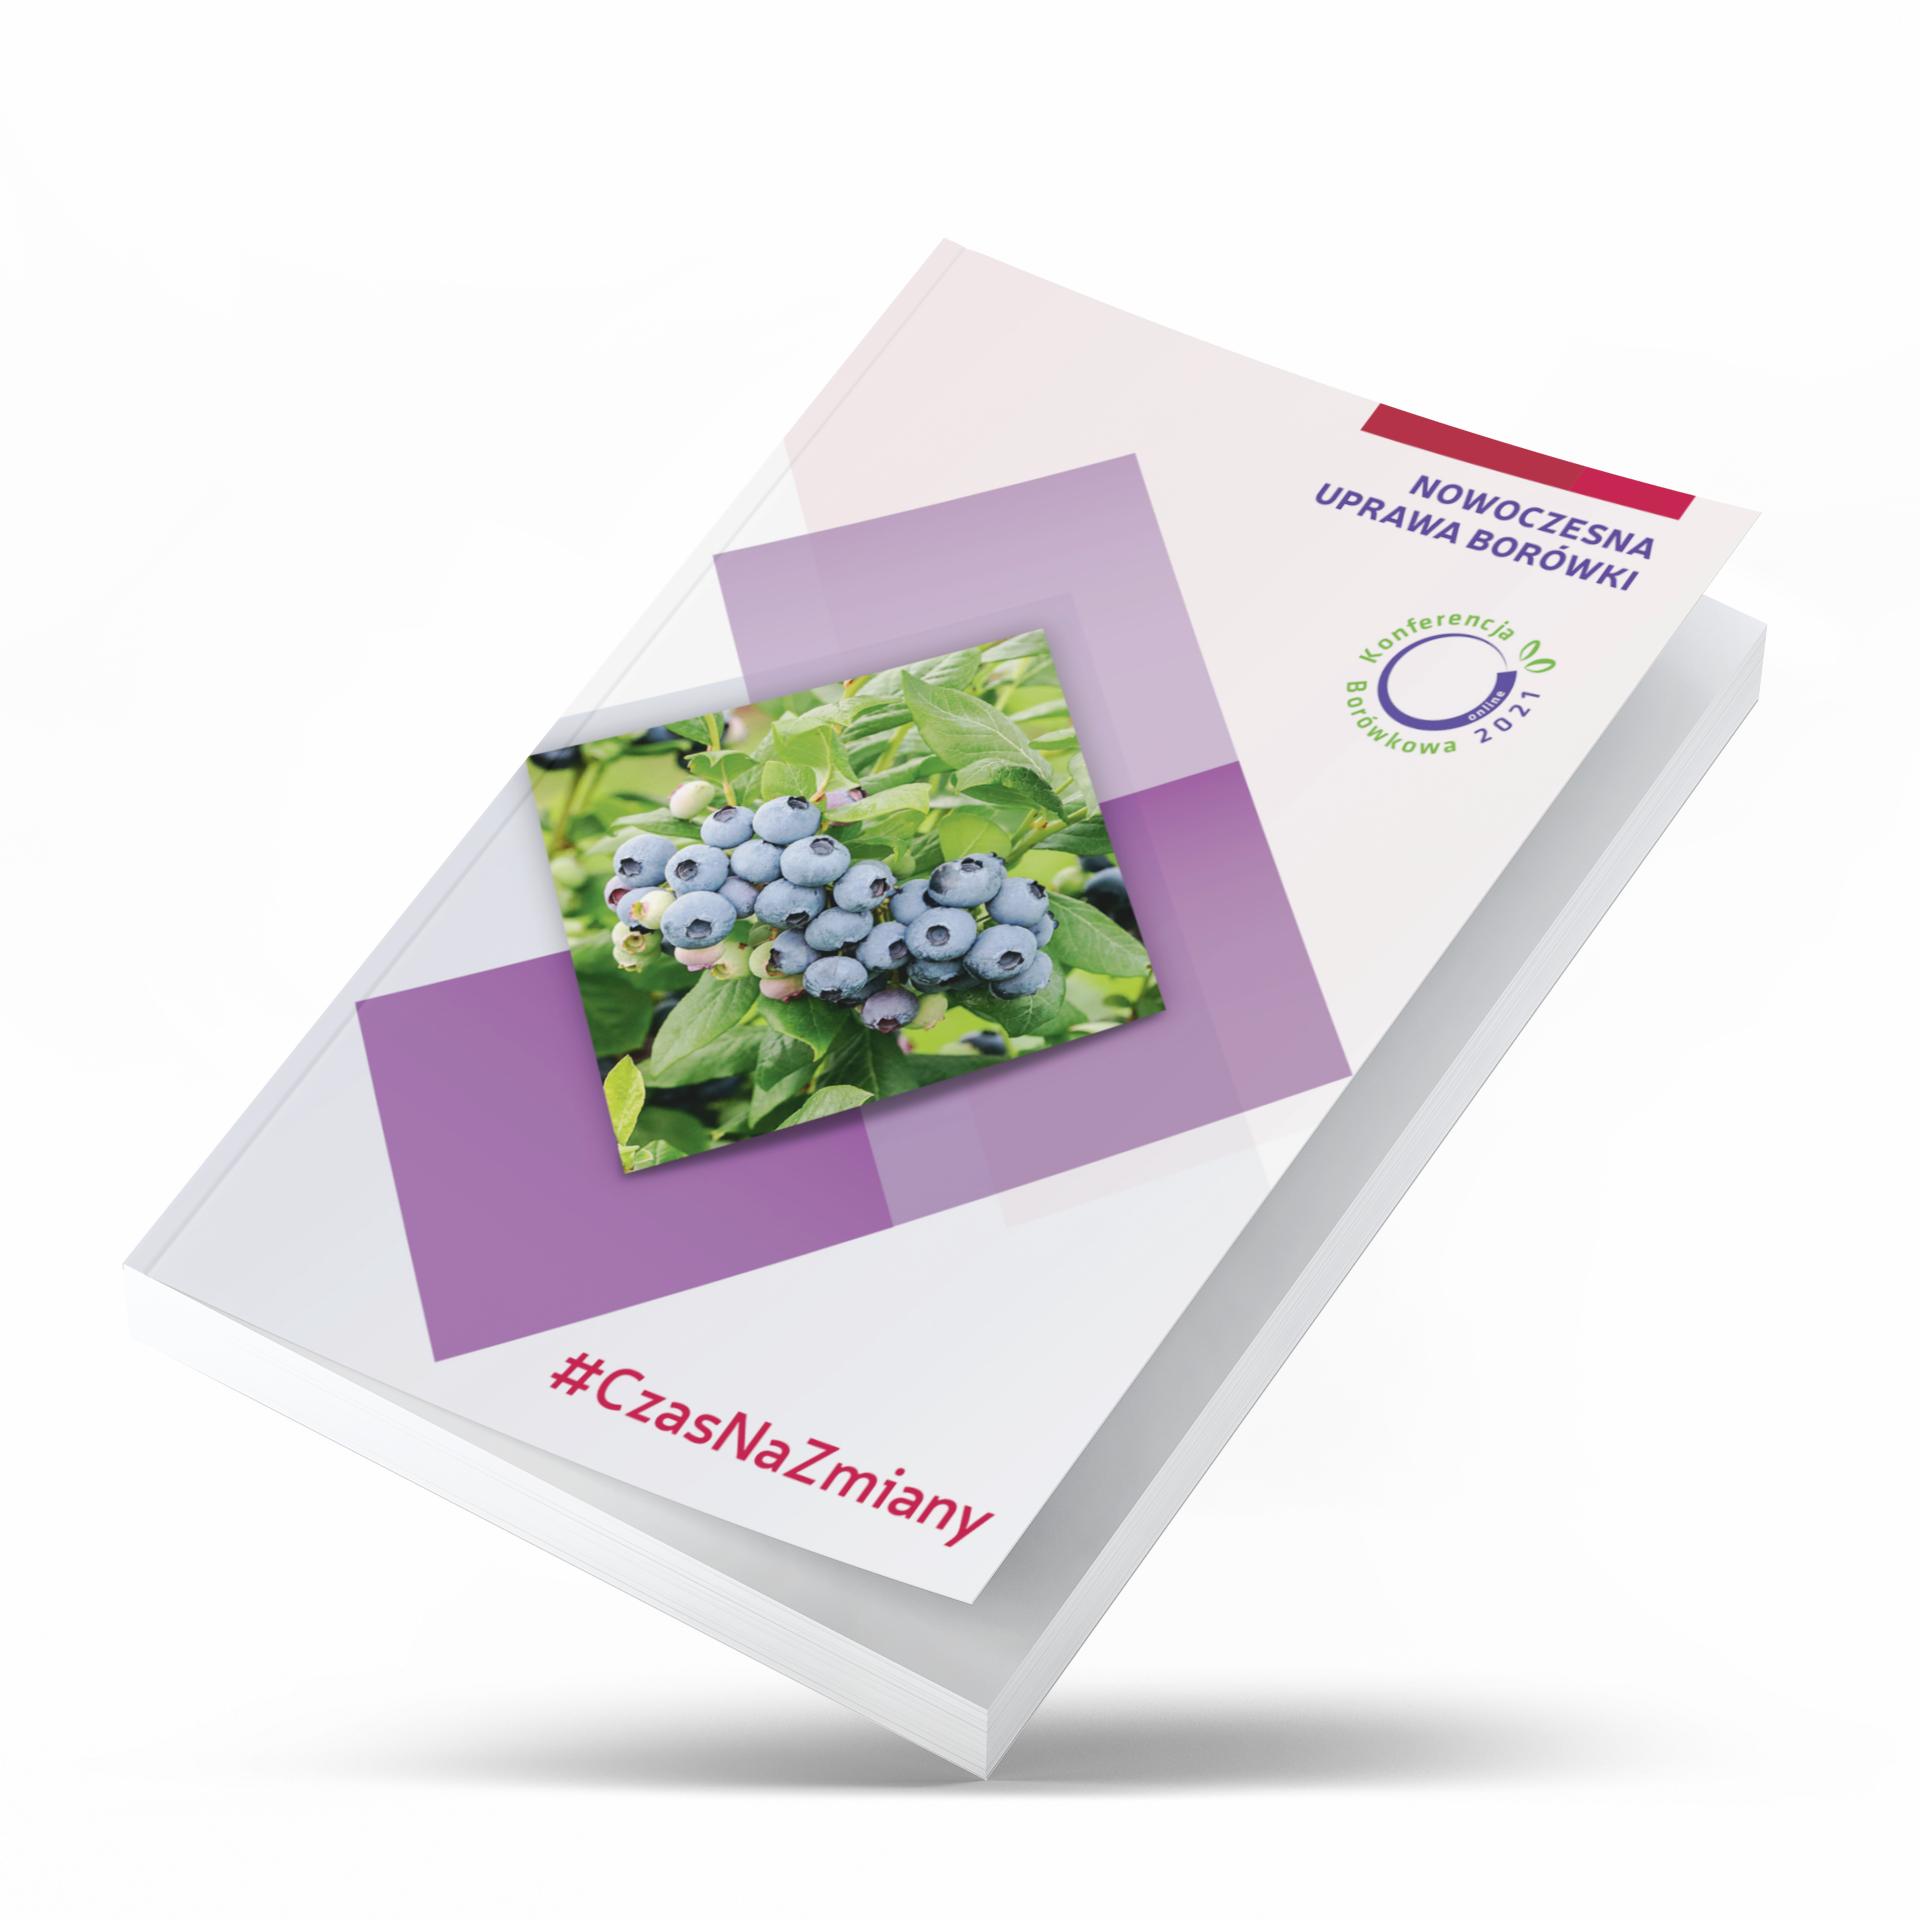 Nowoczesna uprawa borówki – Konferencja Borówkowa 2021